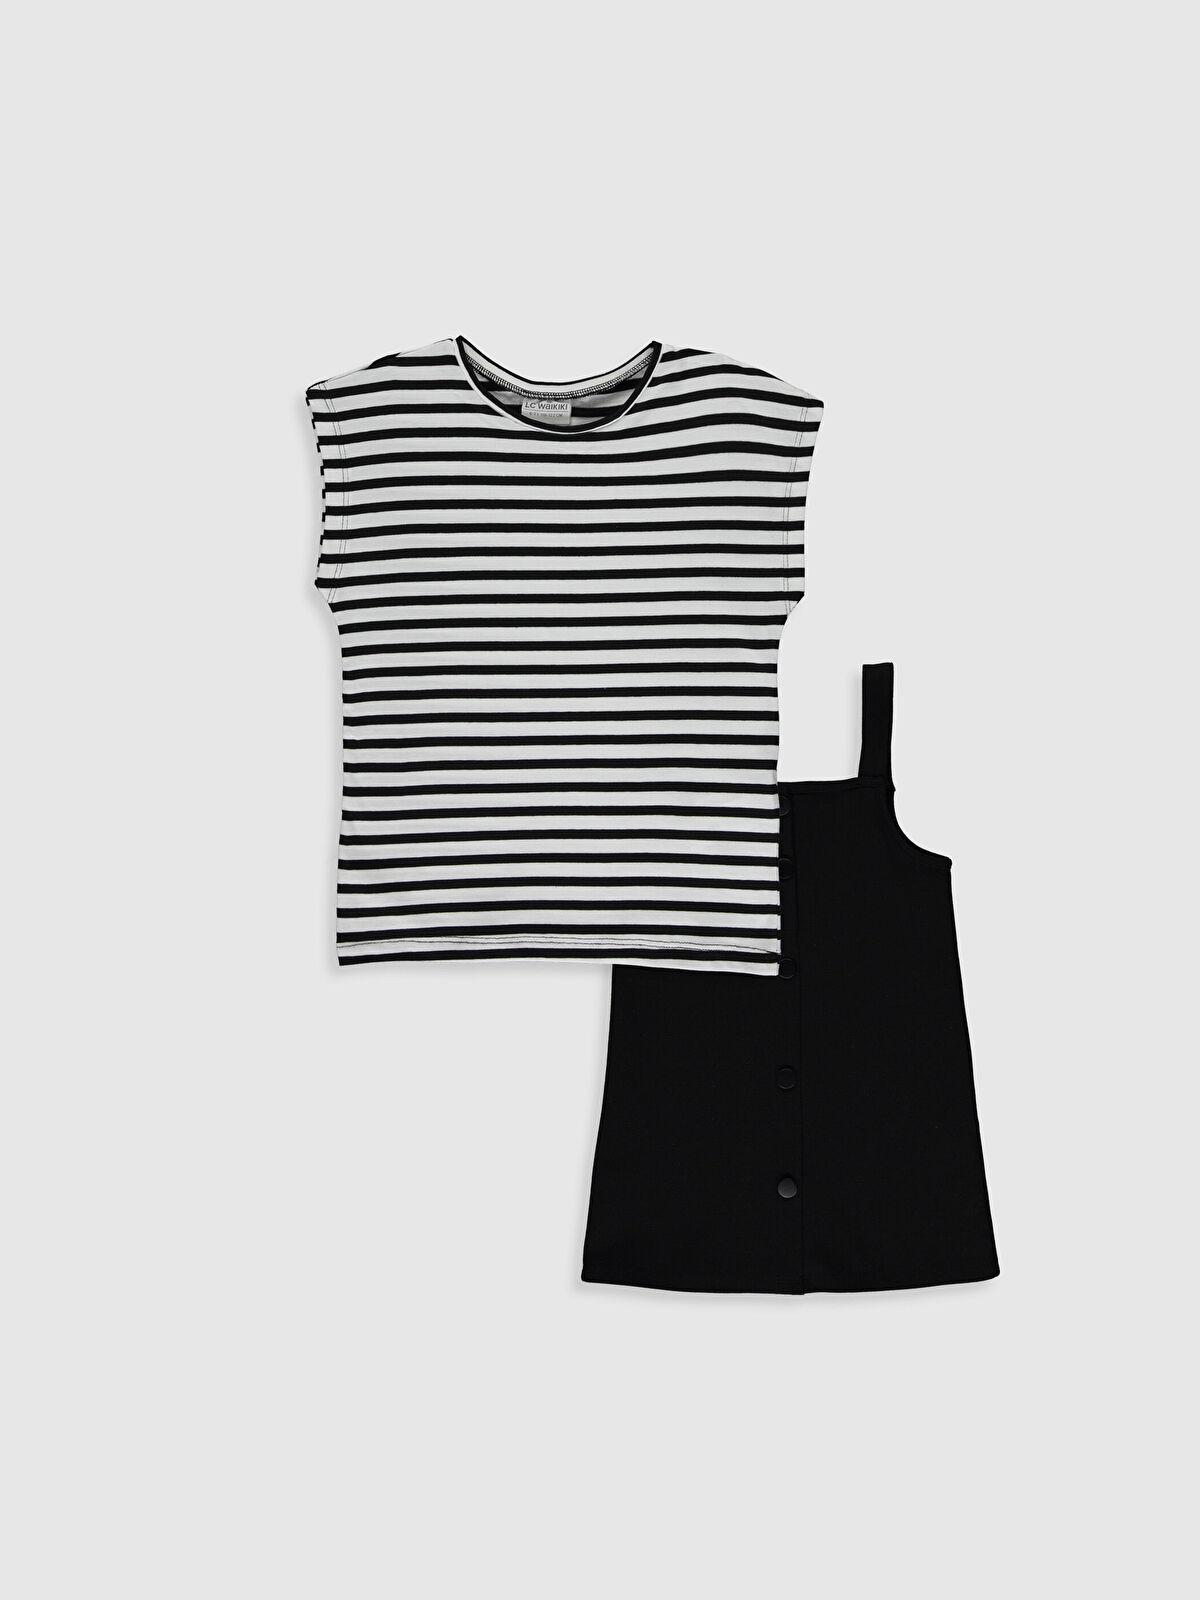 Kız Çocuk Pamuklu Elbise ve Tişört - LC WAIKIKI